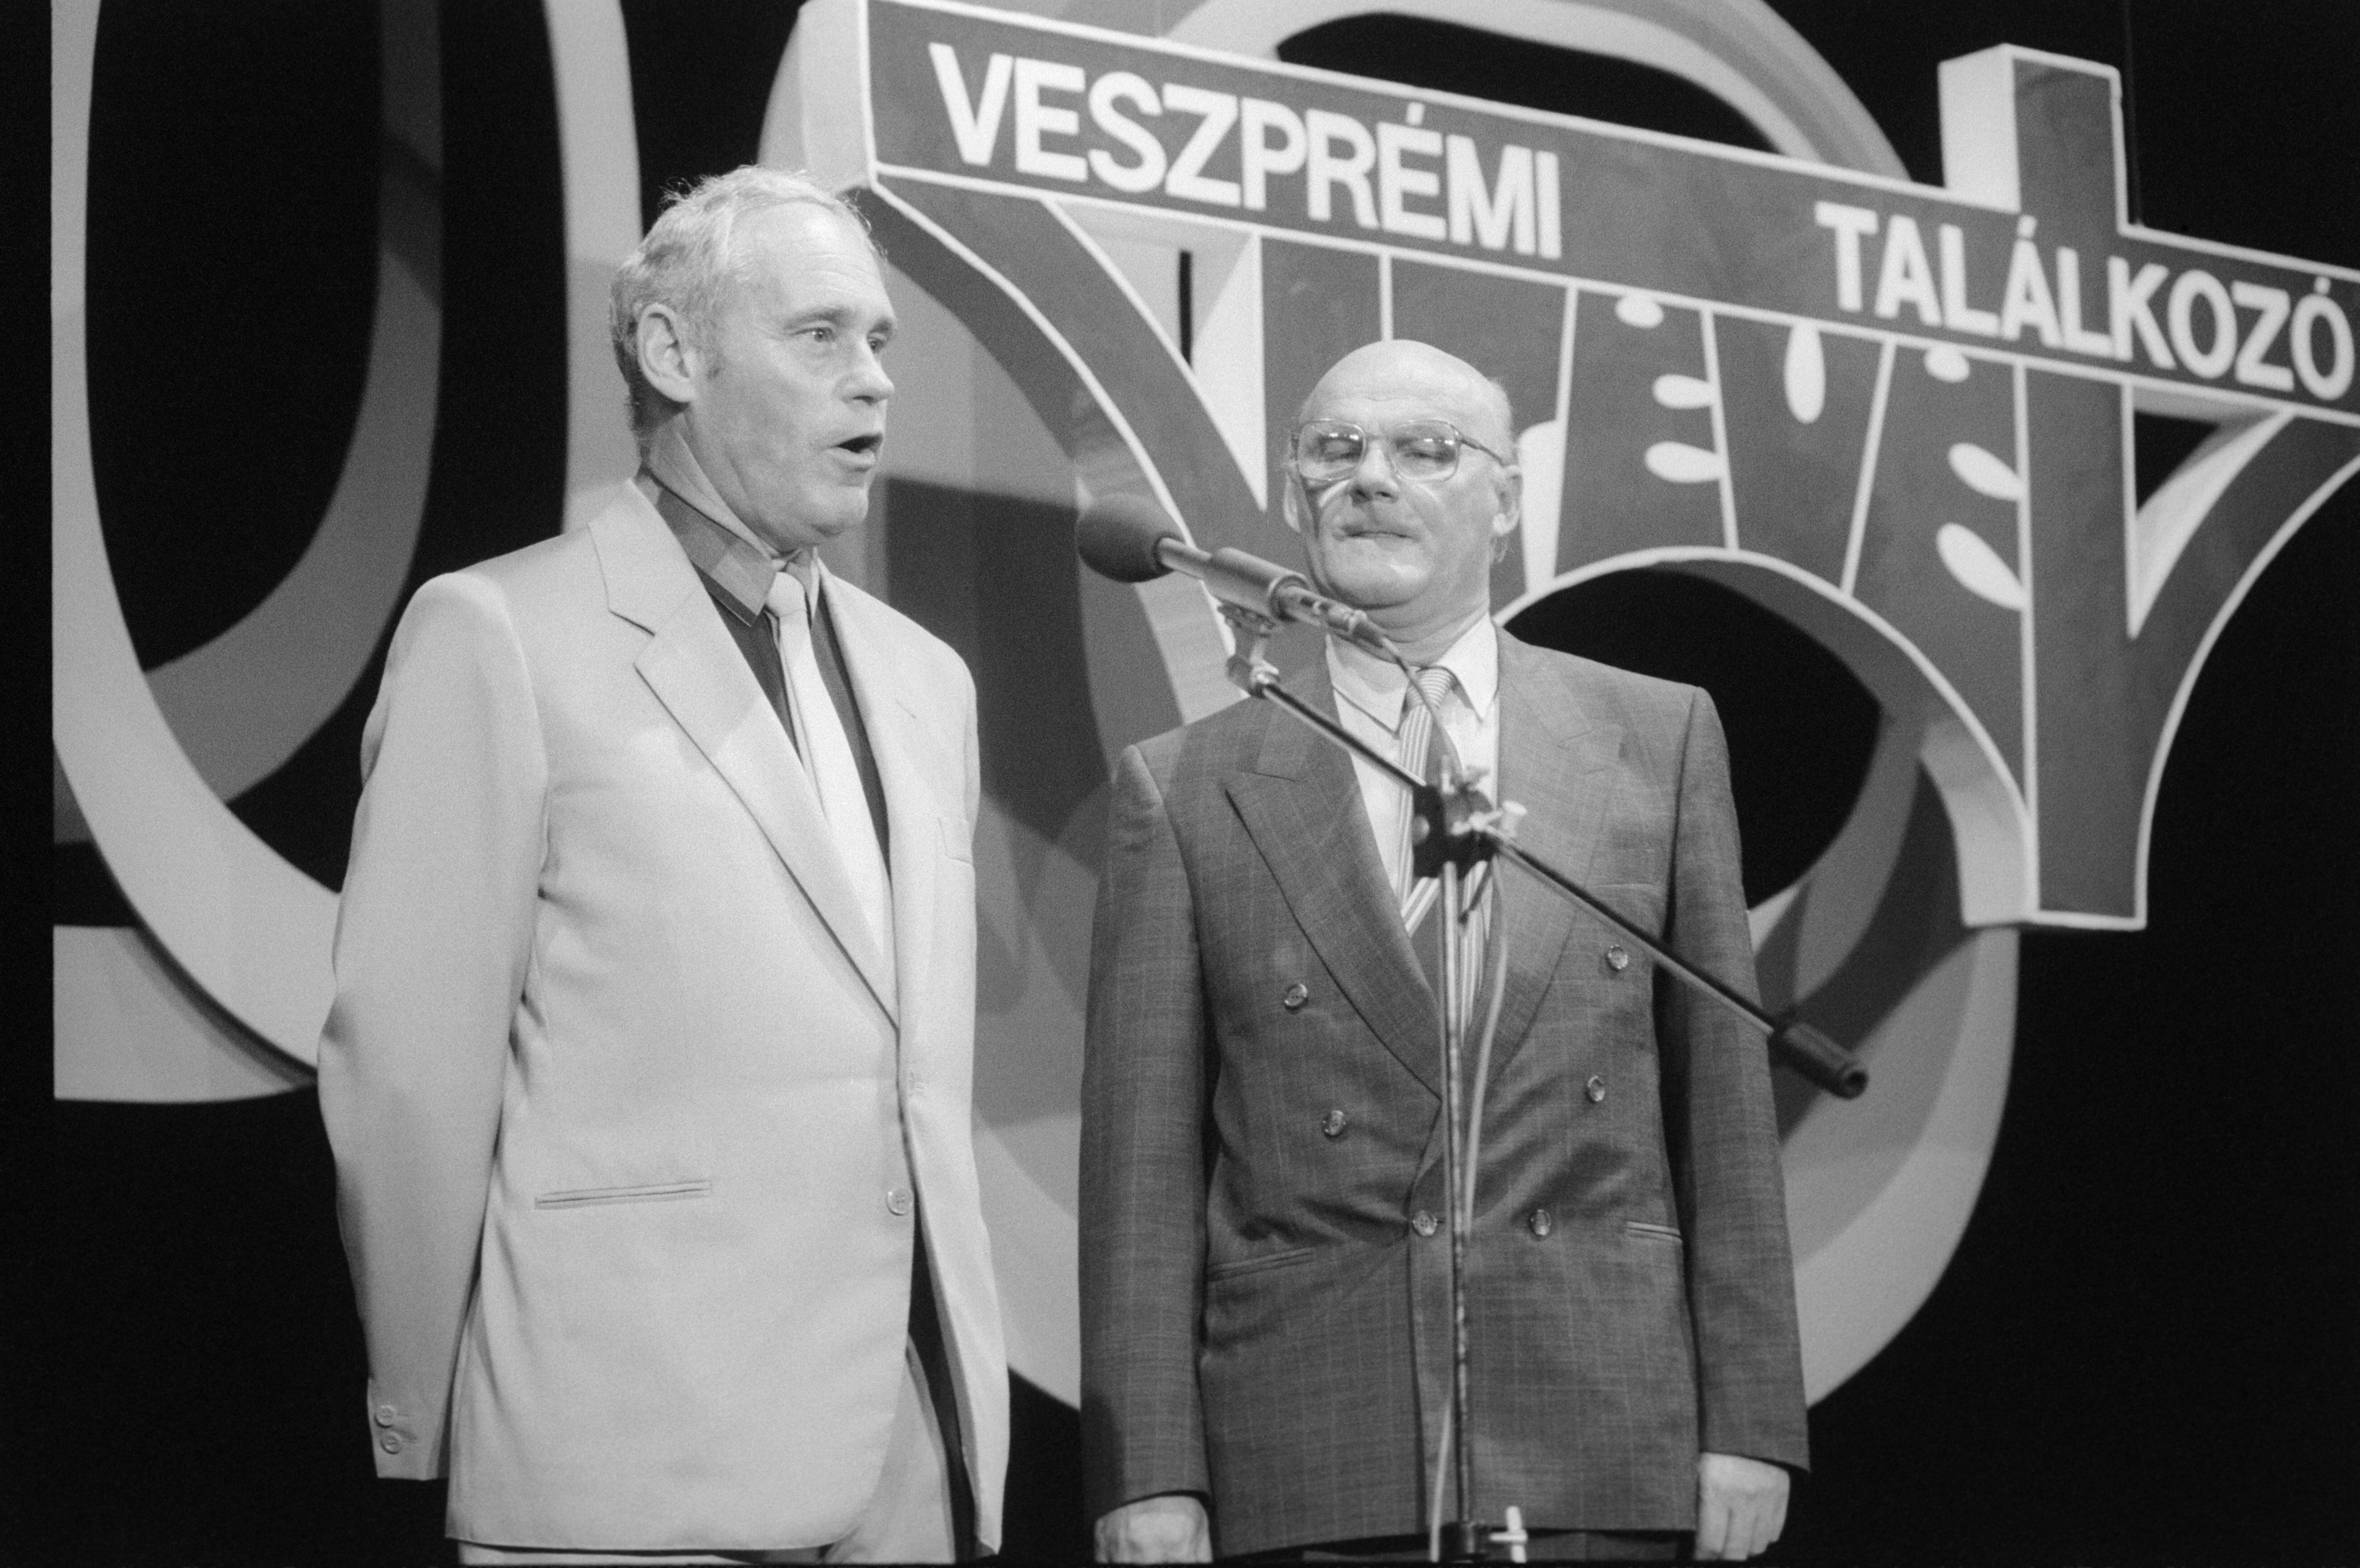 Maróti Rezsõ, Veszprém város tanácselnöke (b) és Bereczky Gyula, a Magyar Televízió elnöke megnyitja a 19. Veszprémi TV-találkozót 1989-ben / Fotó: MTI